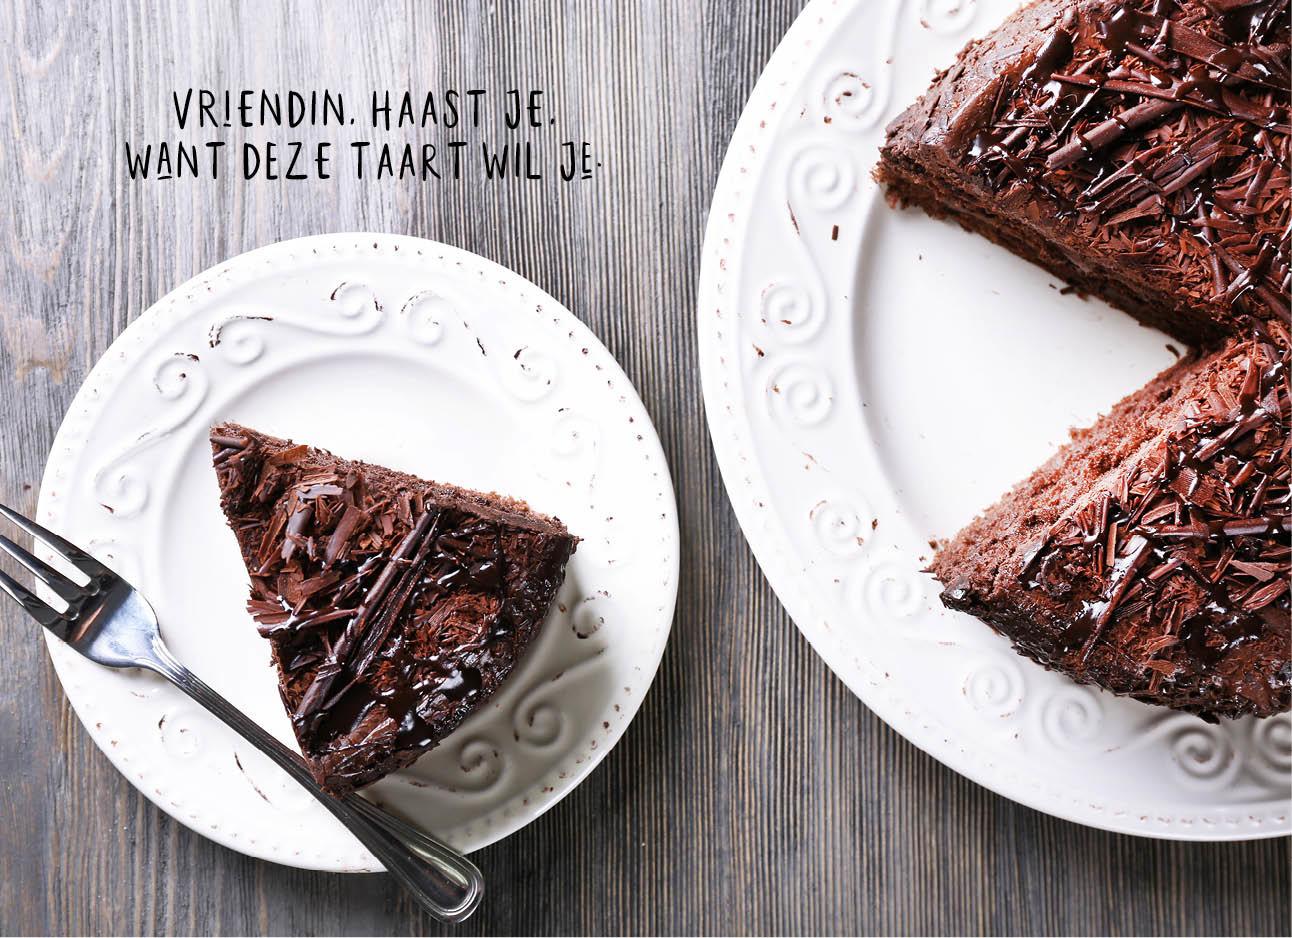 chocolade taart op een wit bordje in stukken